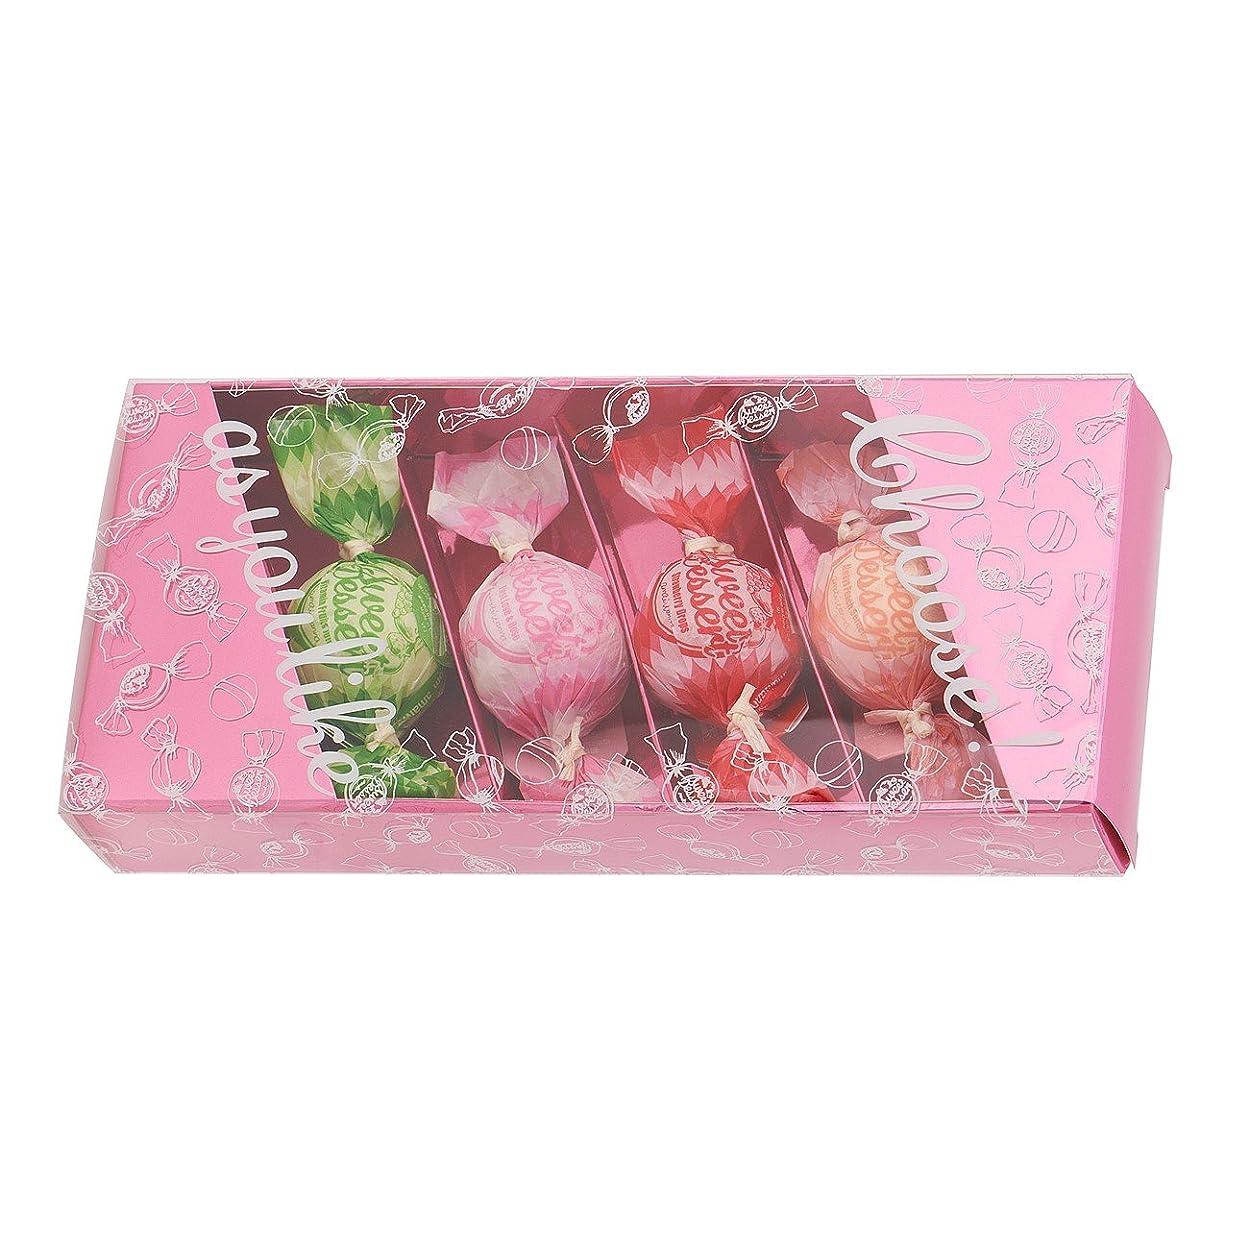 手配するバット霧深いアマイワナ バスキャンディー4粒ギフトセット(35g×4個) ピンク(発泡タイプ入浴料 バスギフト)